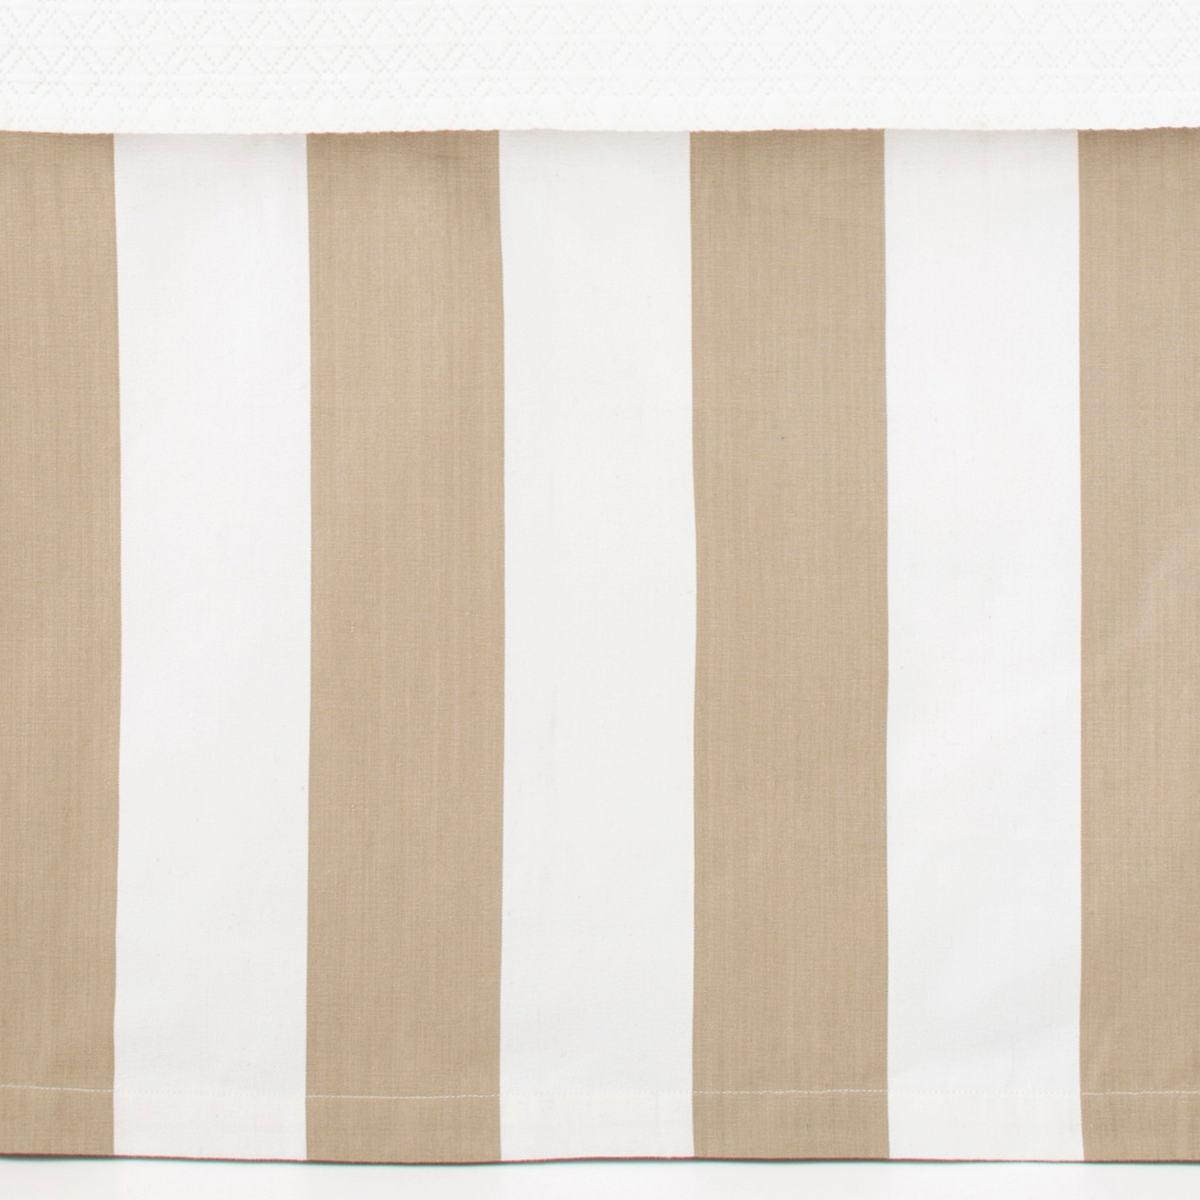 Alex Linen Paneled Bed Skirt